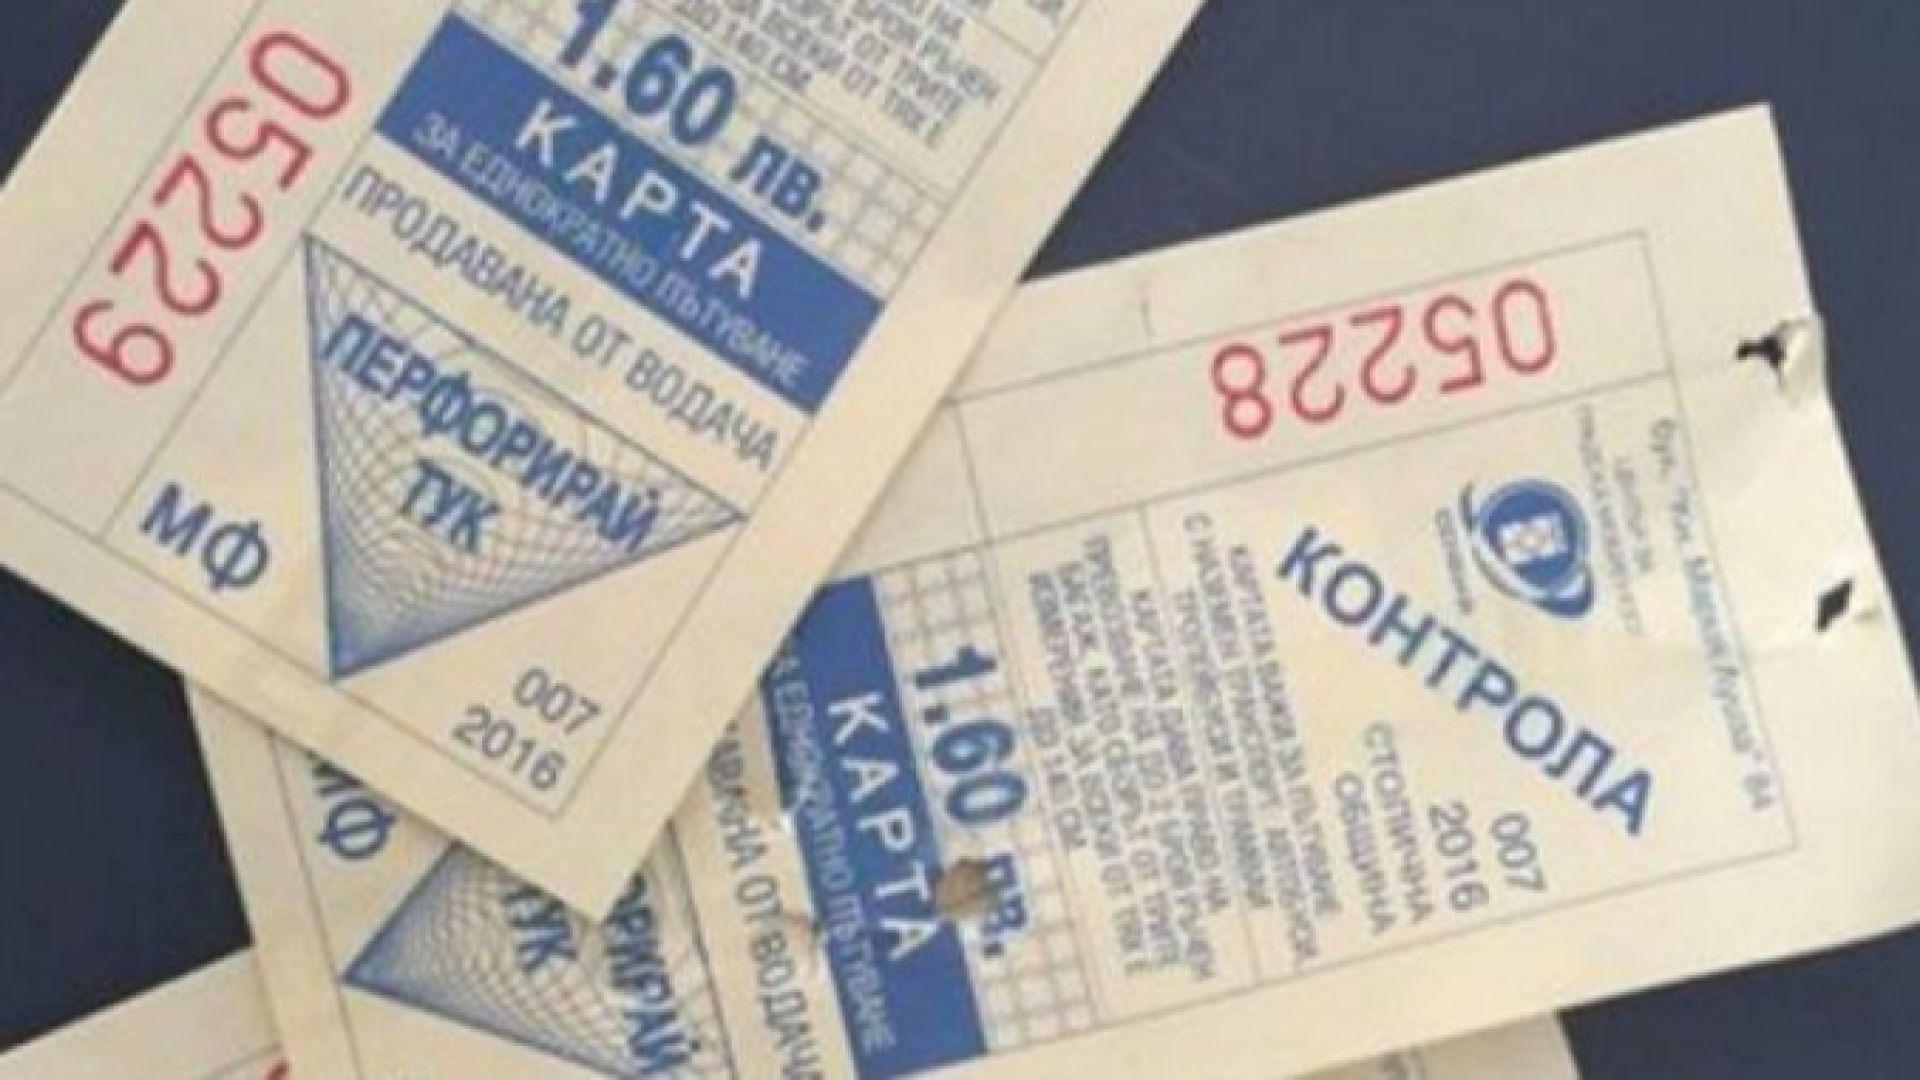 Контрольорите в градския транспорт в София вече няма да продават редовни билети